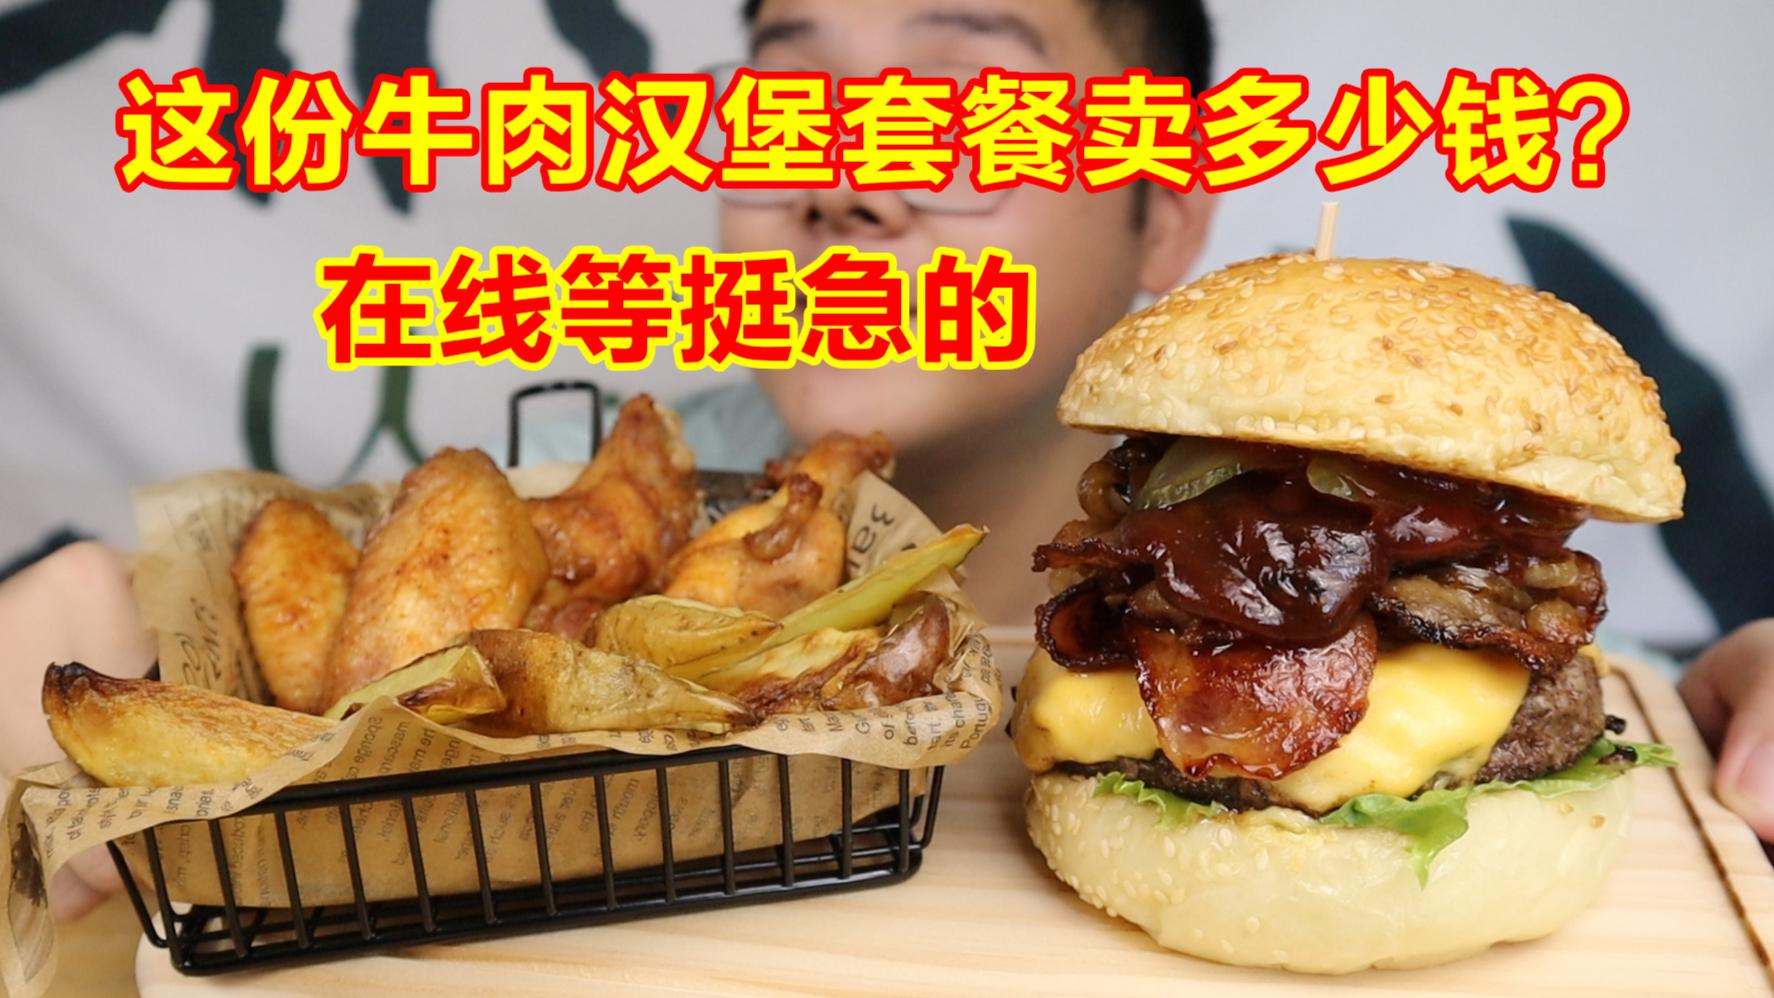 这份培根肥牛芝士牛肉汉堡套餐应该卖多少钱?在线等挺急的